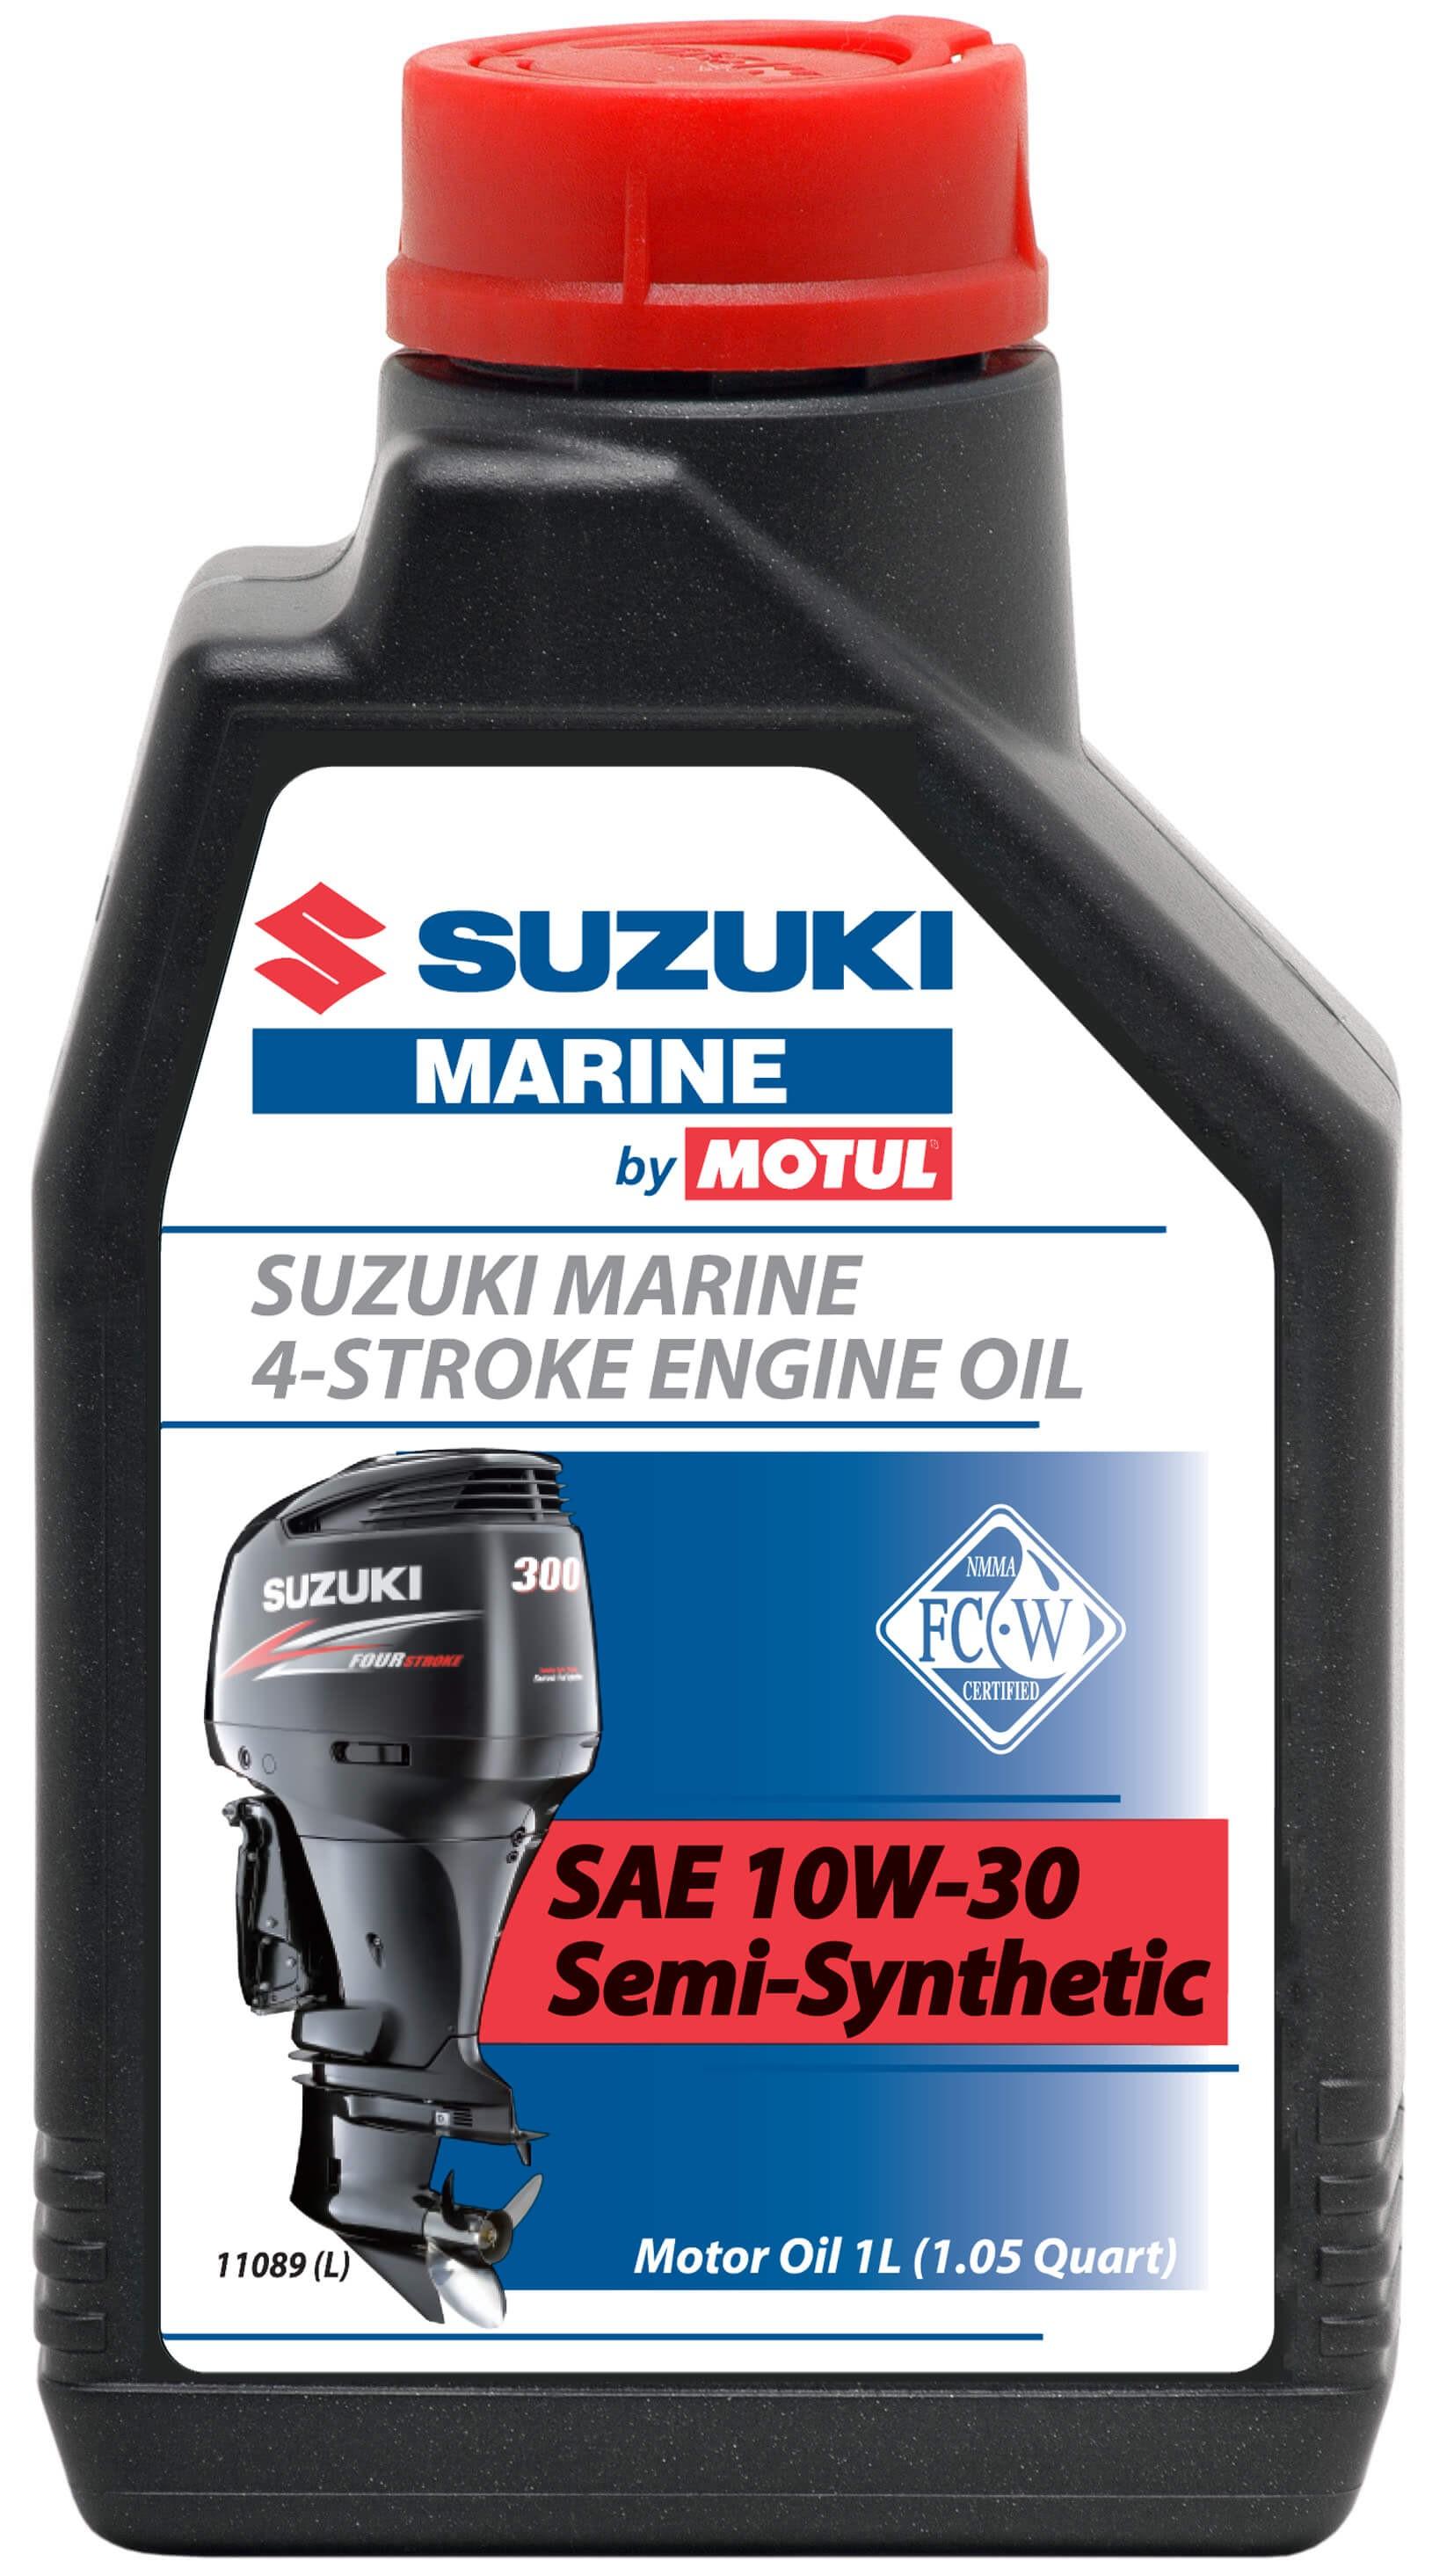 Suzuki marine 4T Engine oil 10W30